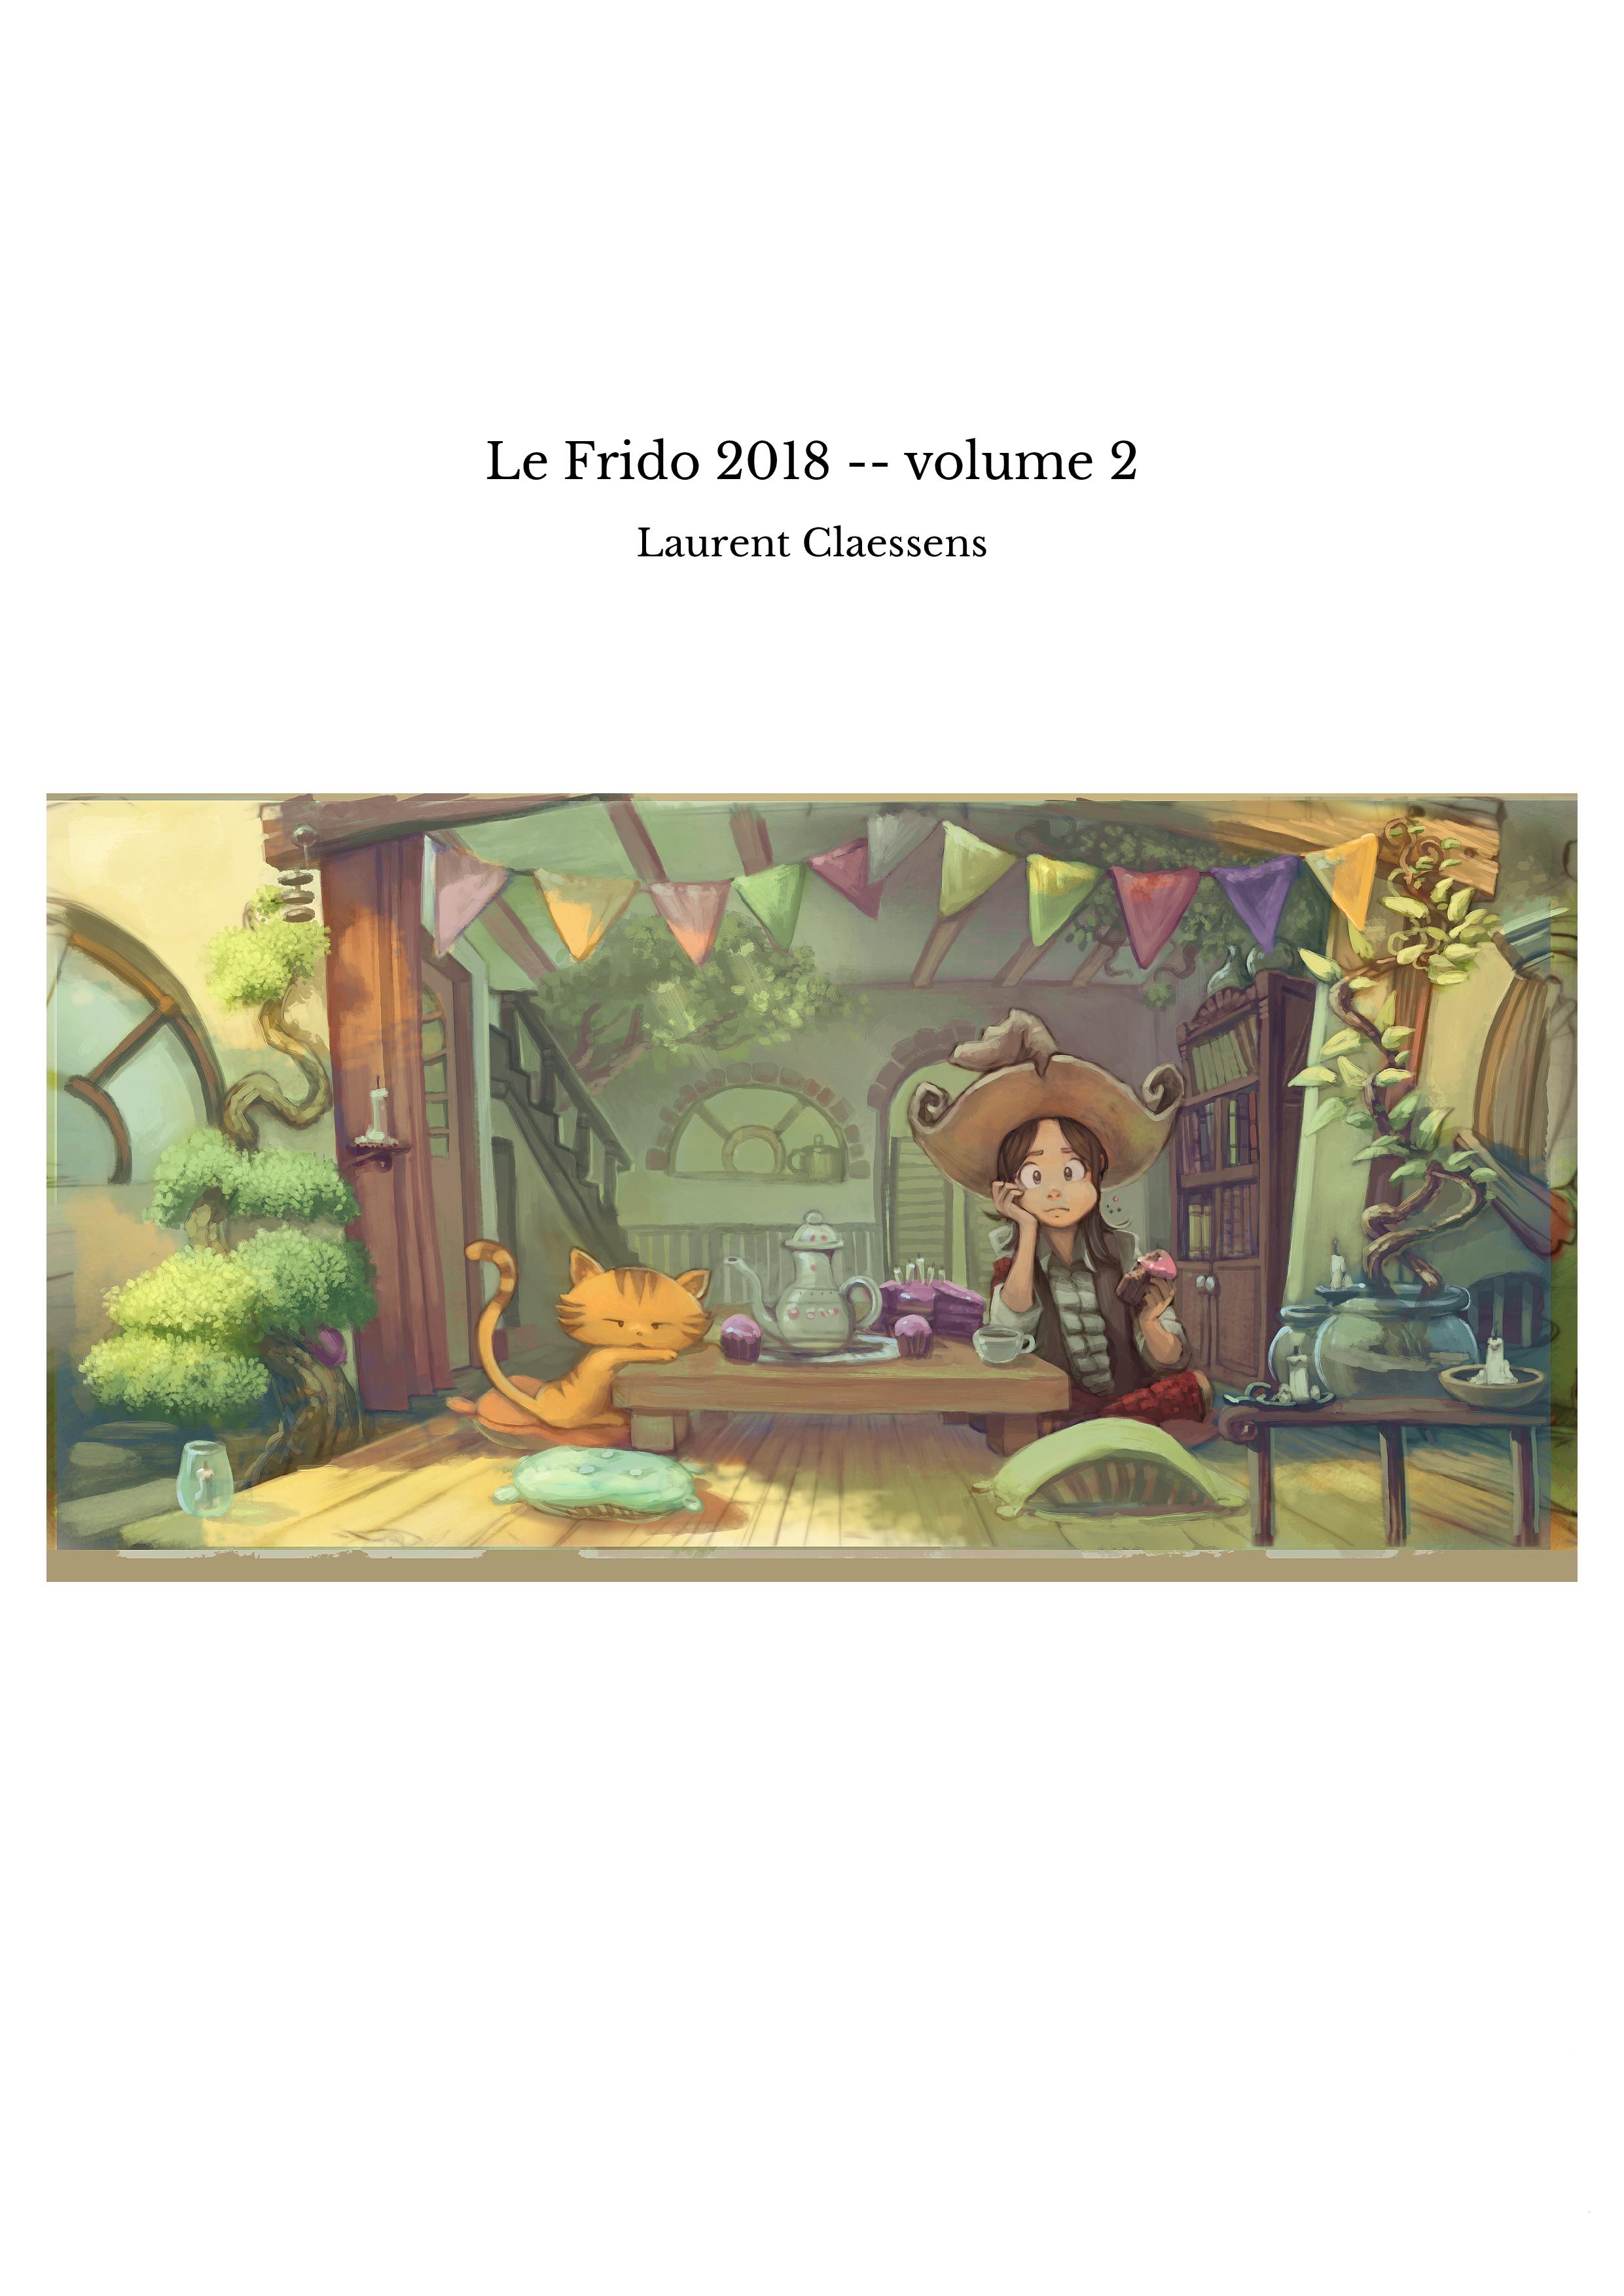 Le Frido 2018 -- volume 2